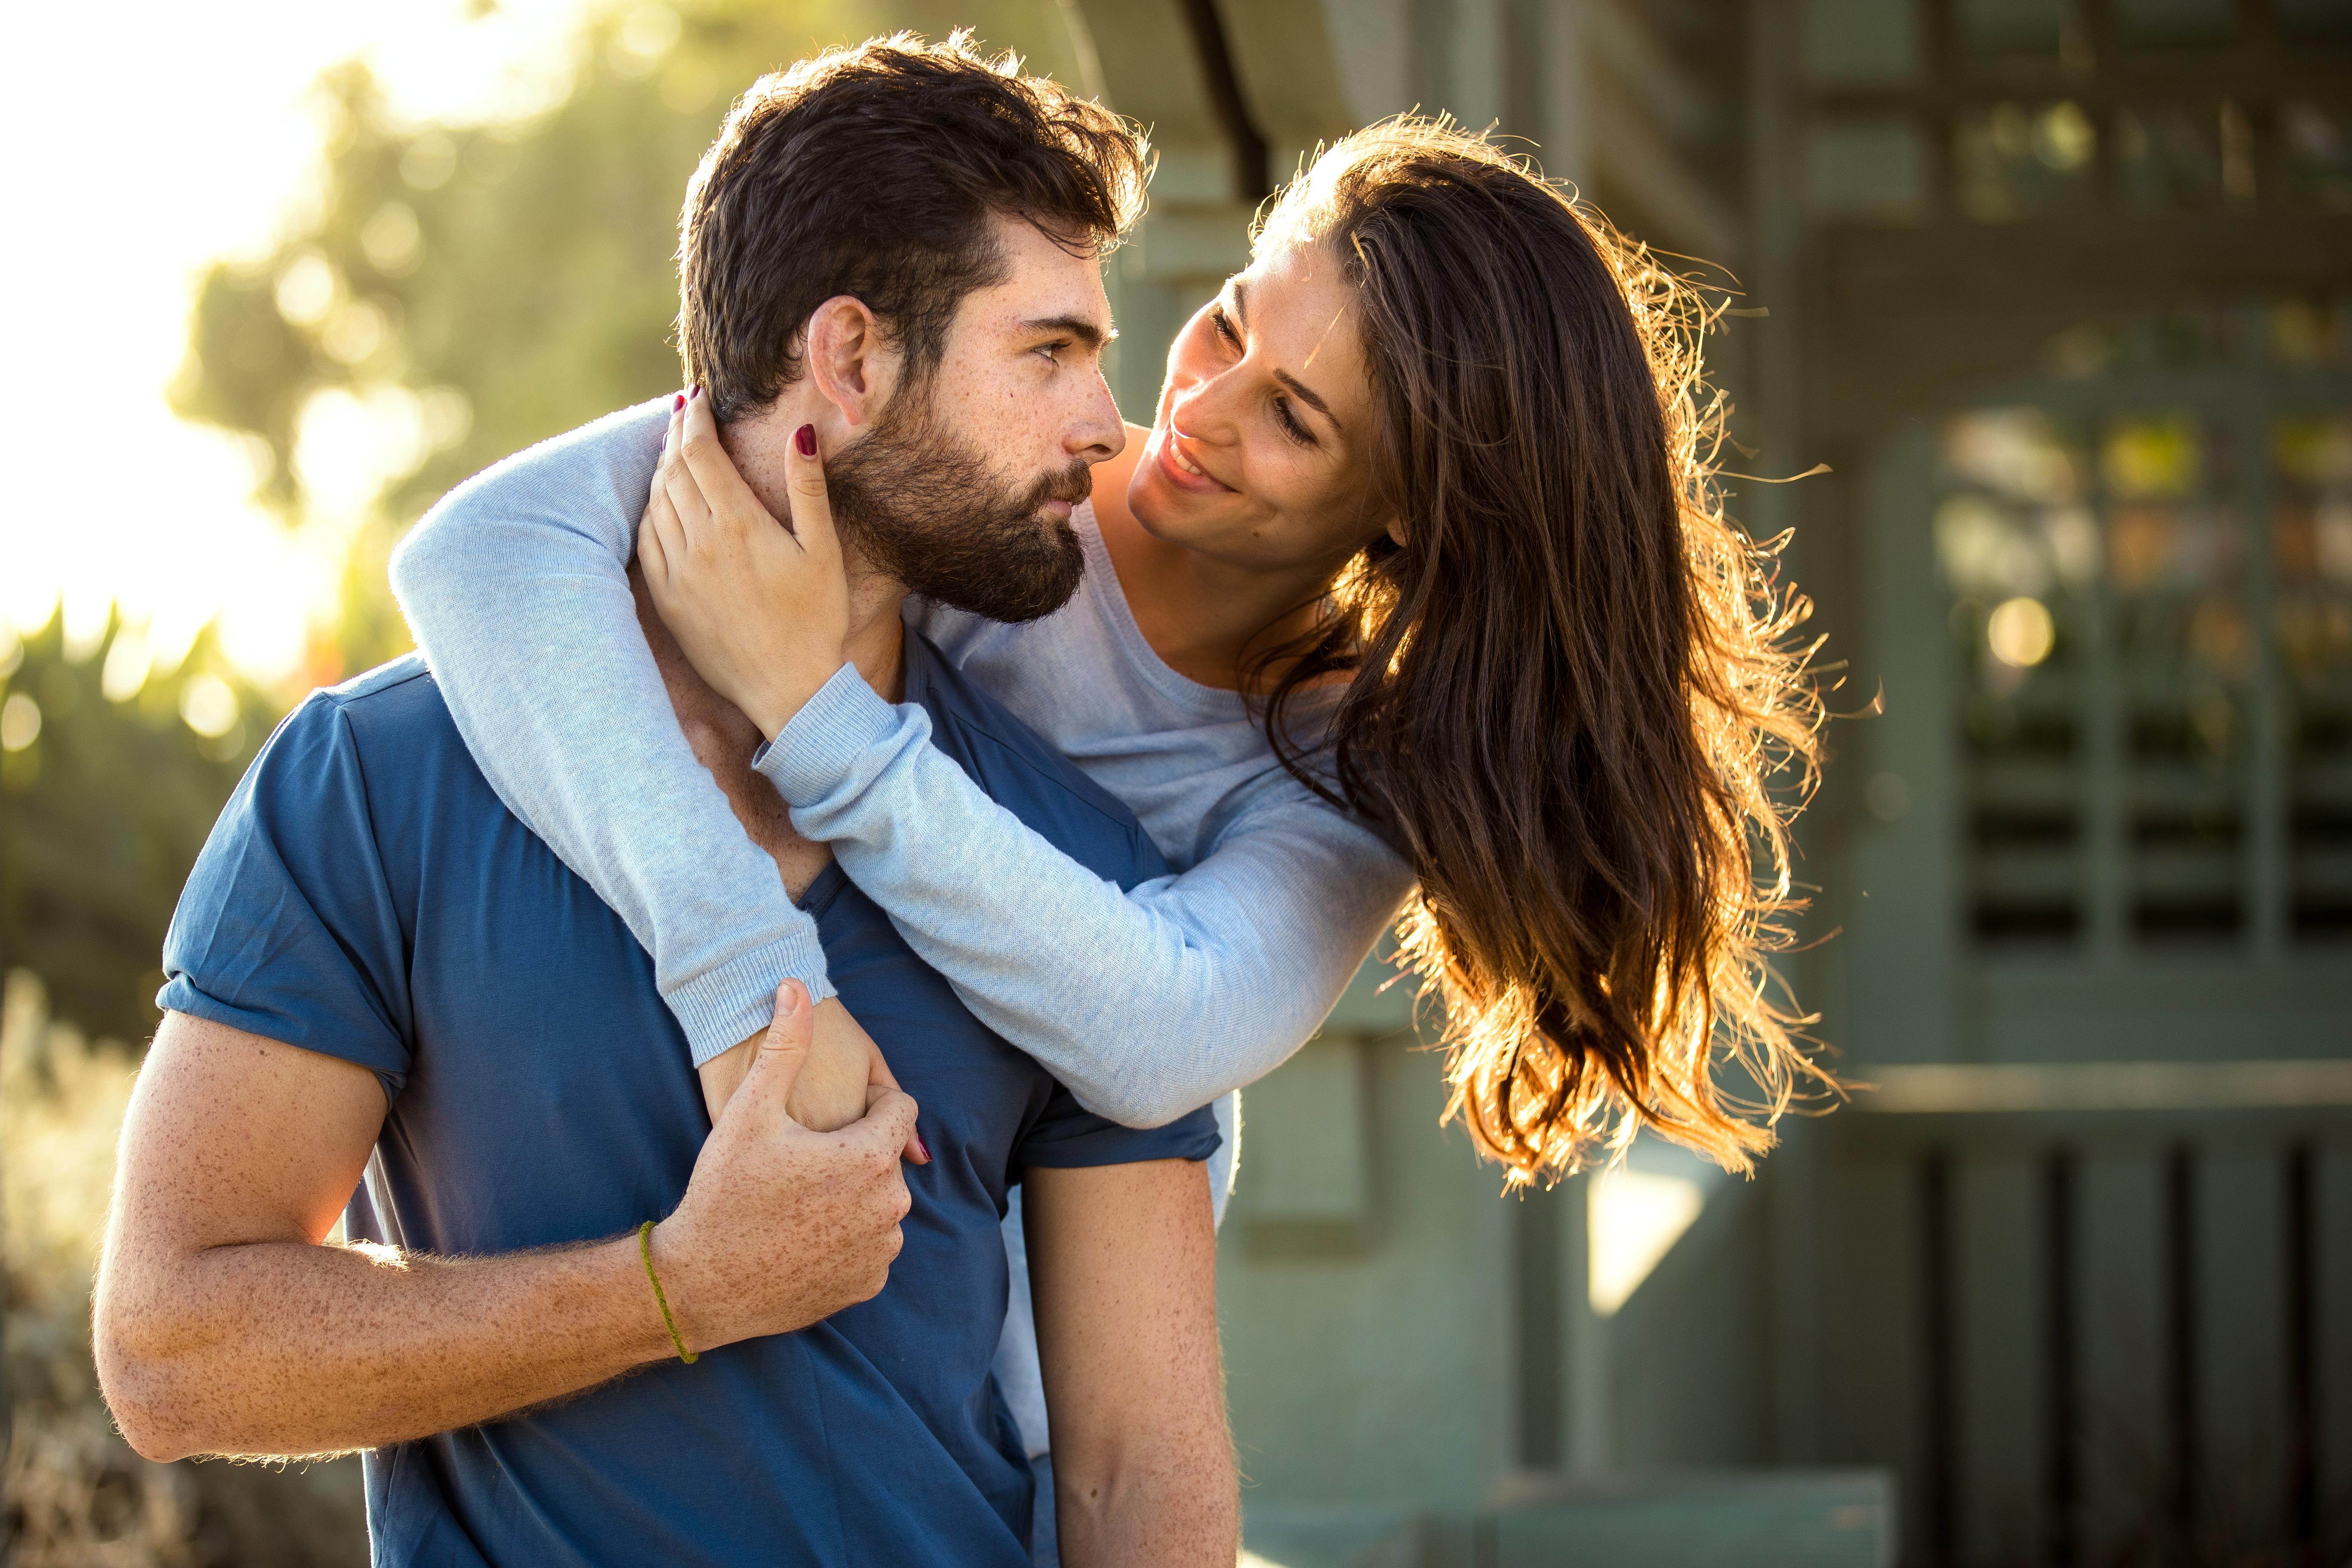 Co říká Bůh o randění a vztazích